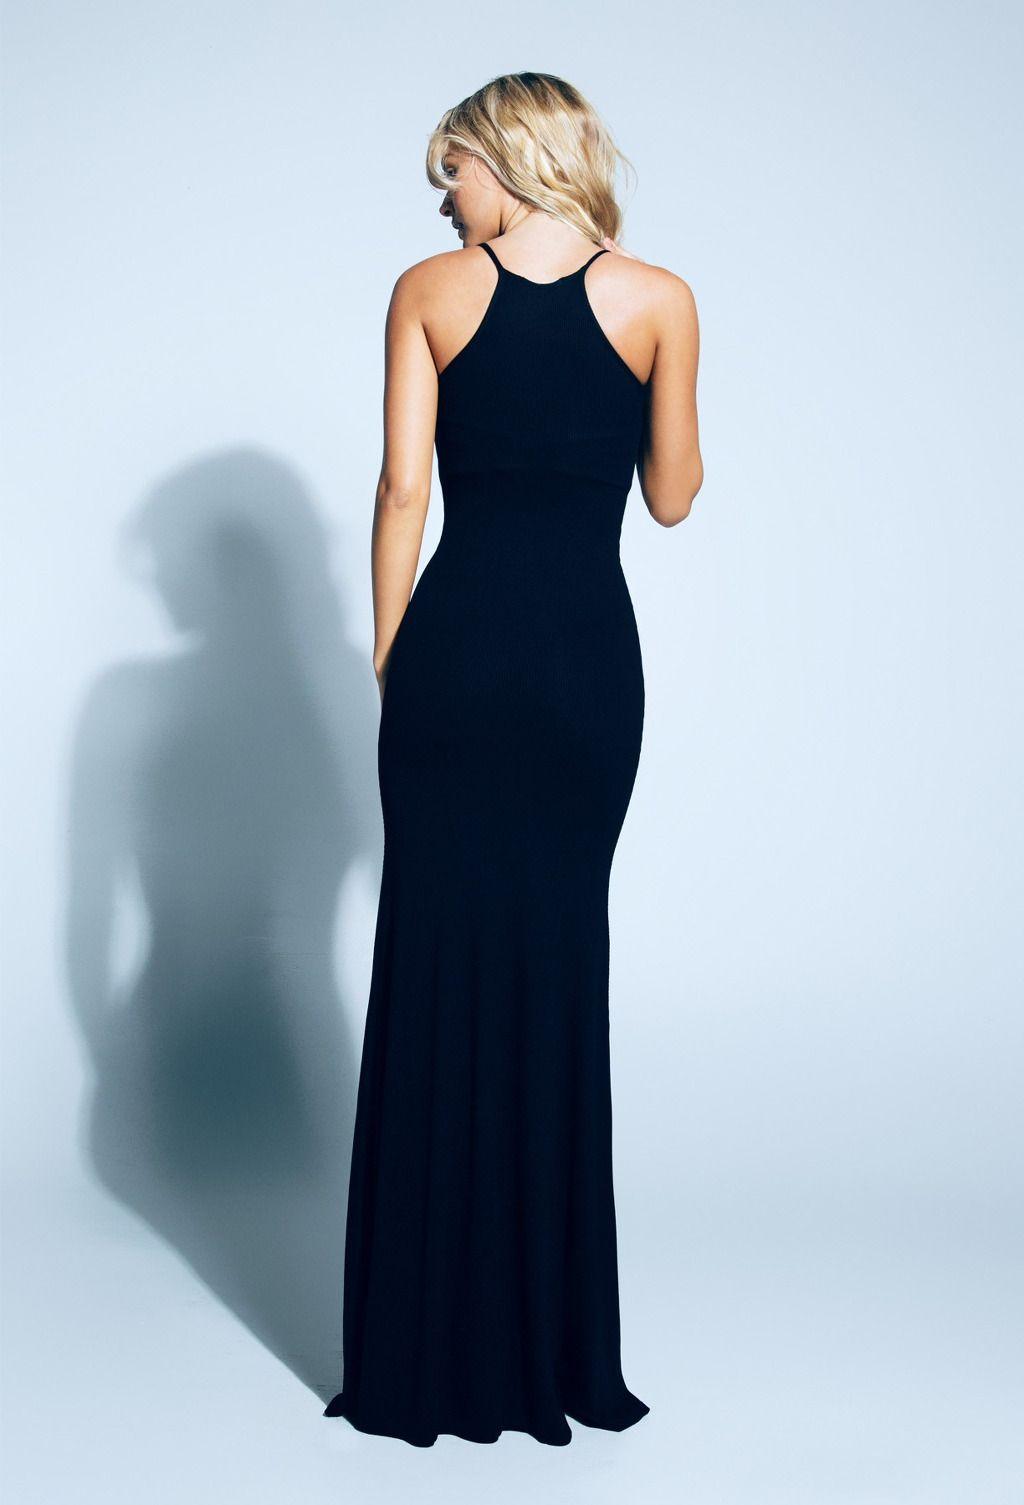 아름다운 세상을 꿈꾸며 ~~~ ♠ :: ▶Θ◀ [브리아나 홀리] ▶Θ◀ Bryana Holly - Modeling for Lurelly Photoshoot - 1